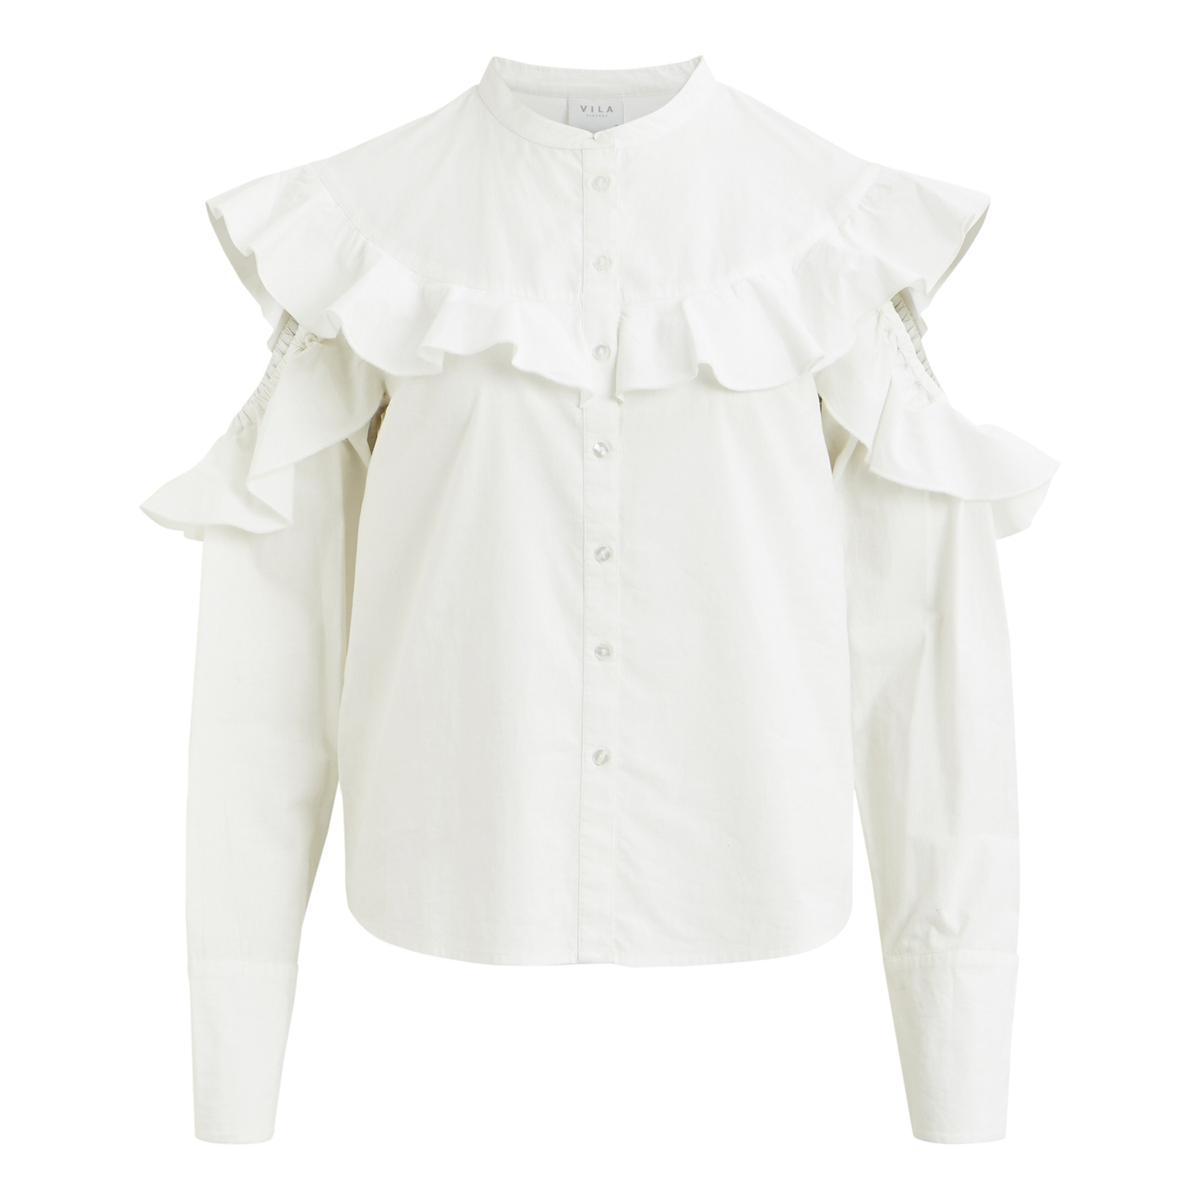 Рубашка однотонная с воротником-стойкой и длинными рукавамиОписание:Детали •  Длинные рукава •  Прямой покрой •  Воротник-стойкаСостав и уход •  100% хлопок •  Следуйте советам по уходу, указанным на этикетке<br><br>Цвет: белый